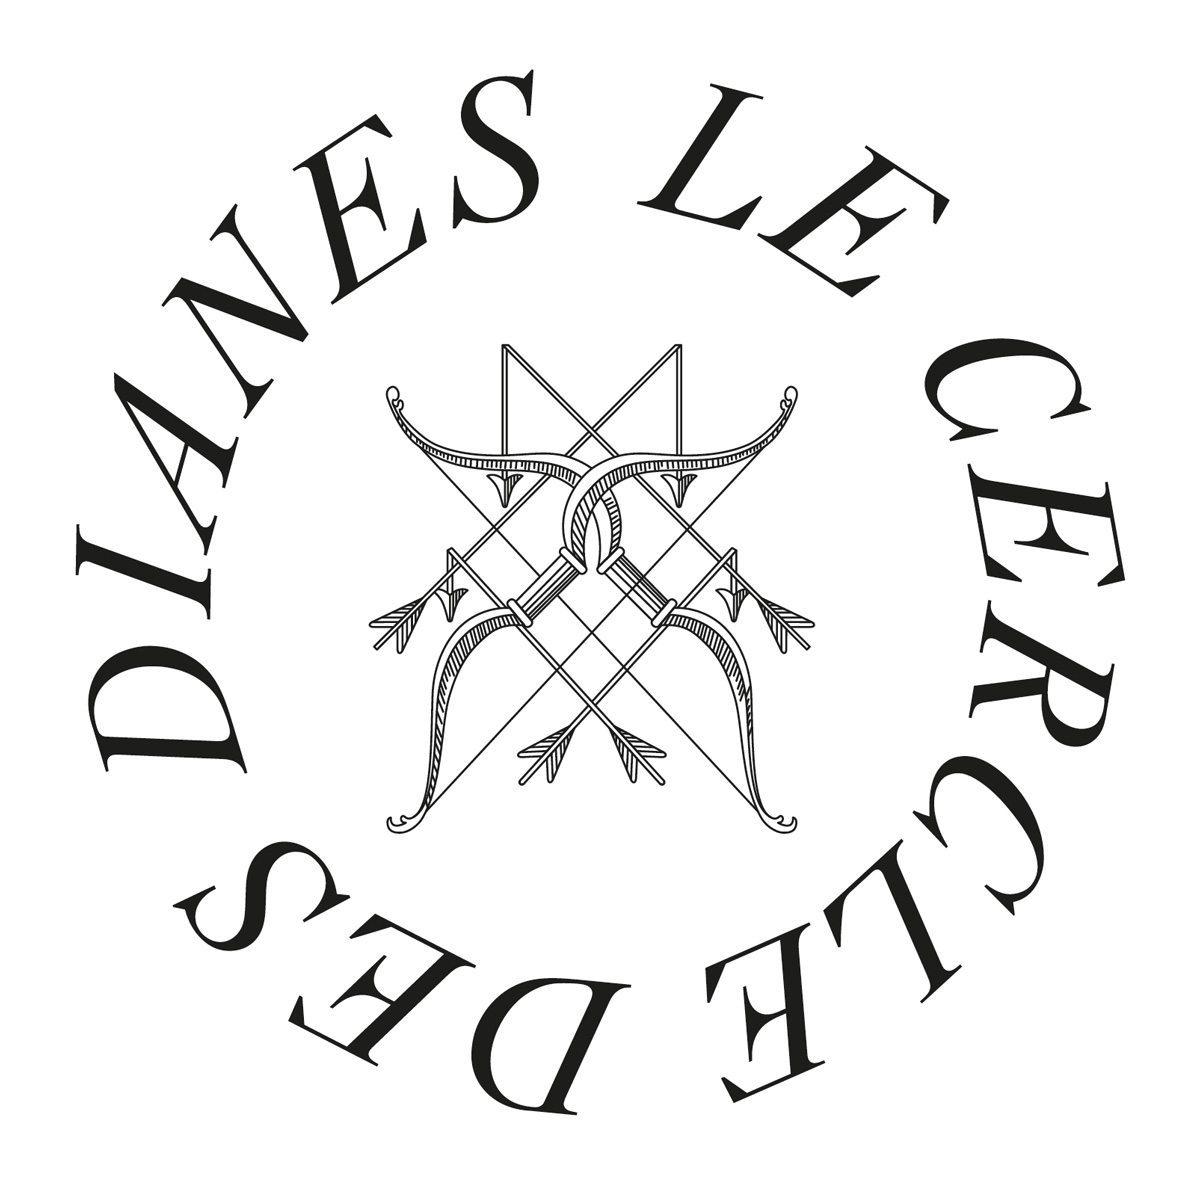 Le cercle des dianes logotype d'Ich&Kar hommage au chateau d'anet